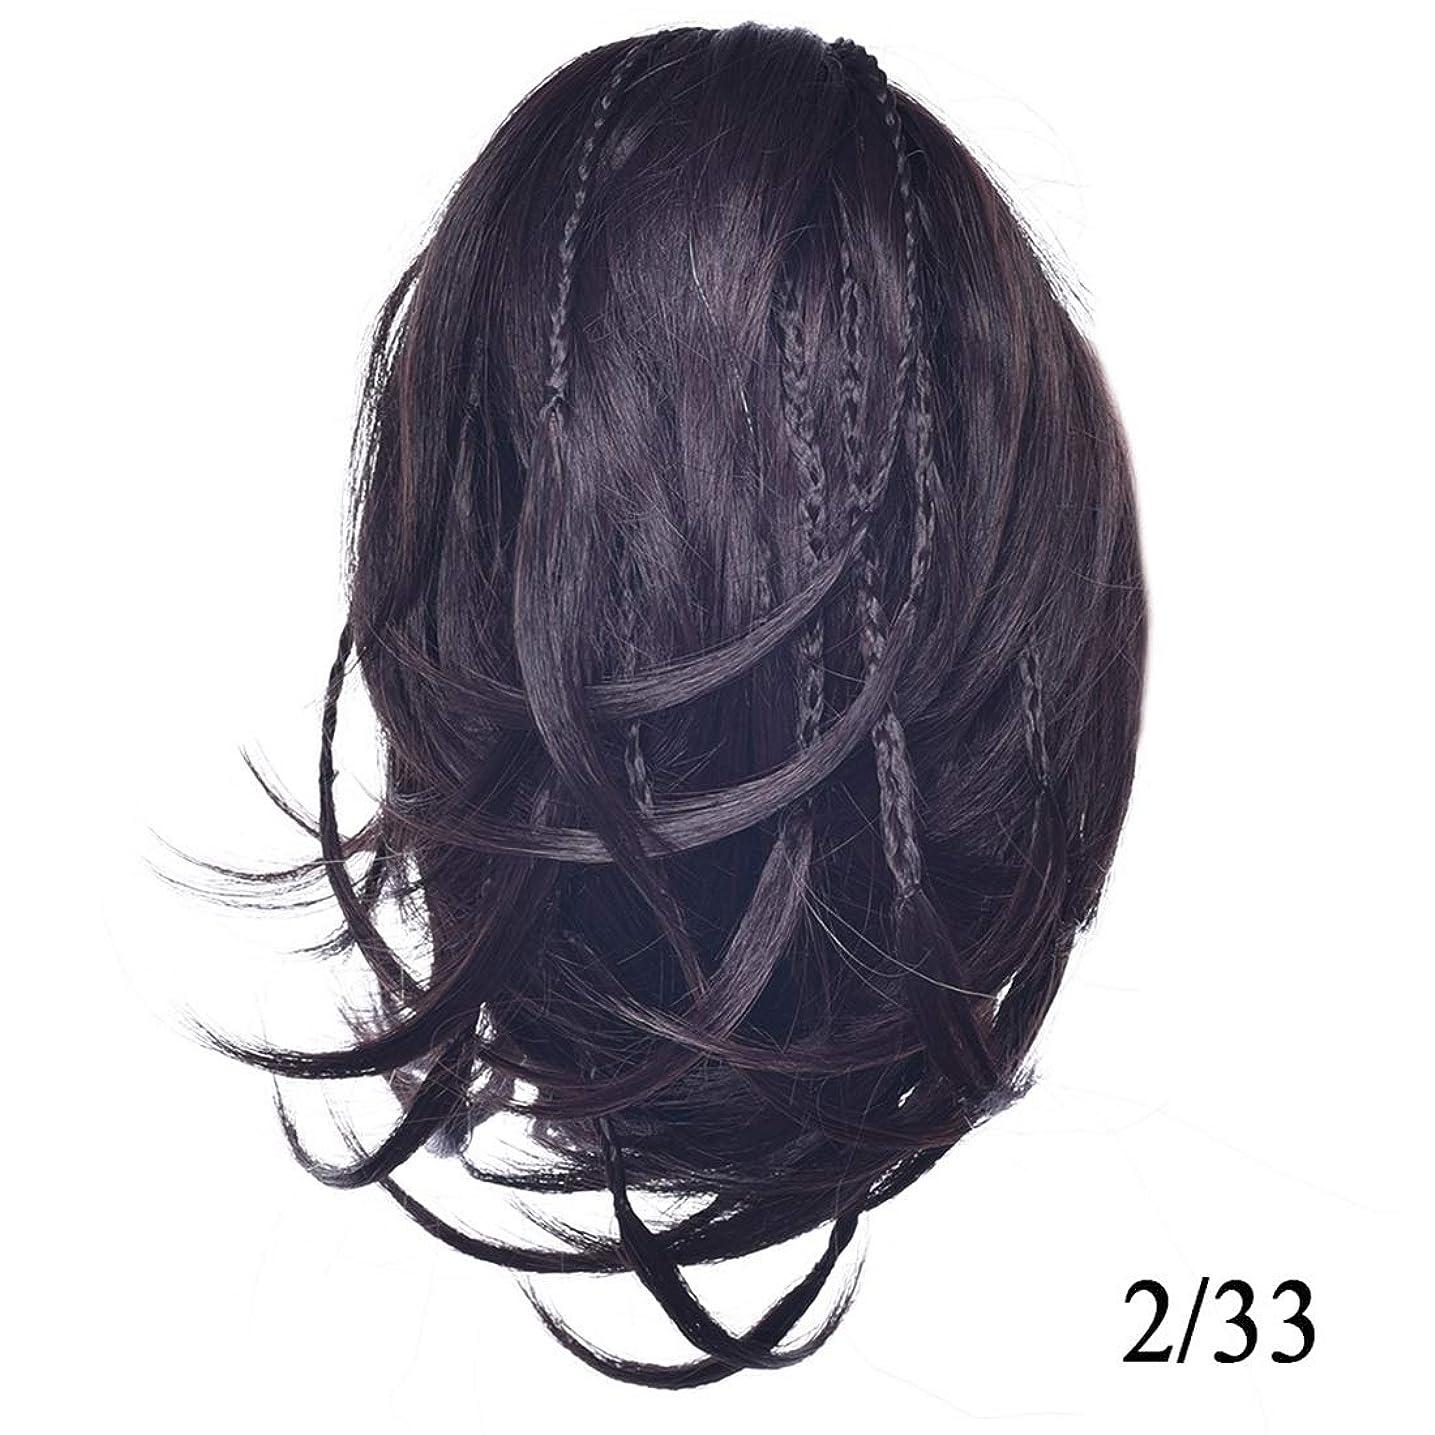 フィルタ顔料パトロンJIANFU レディースショートカーリーヘアウィッグフレキシブルヘアポニーテール不規則なポニーテールクリップ (Color : 2/33)